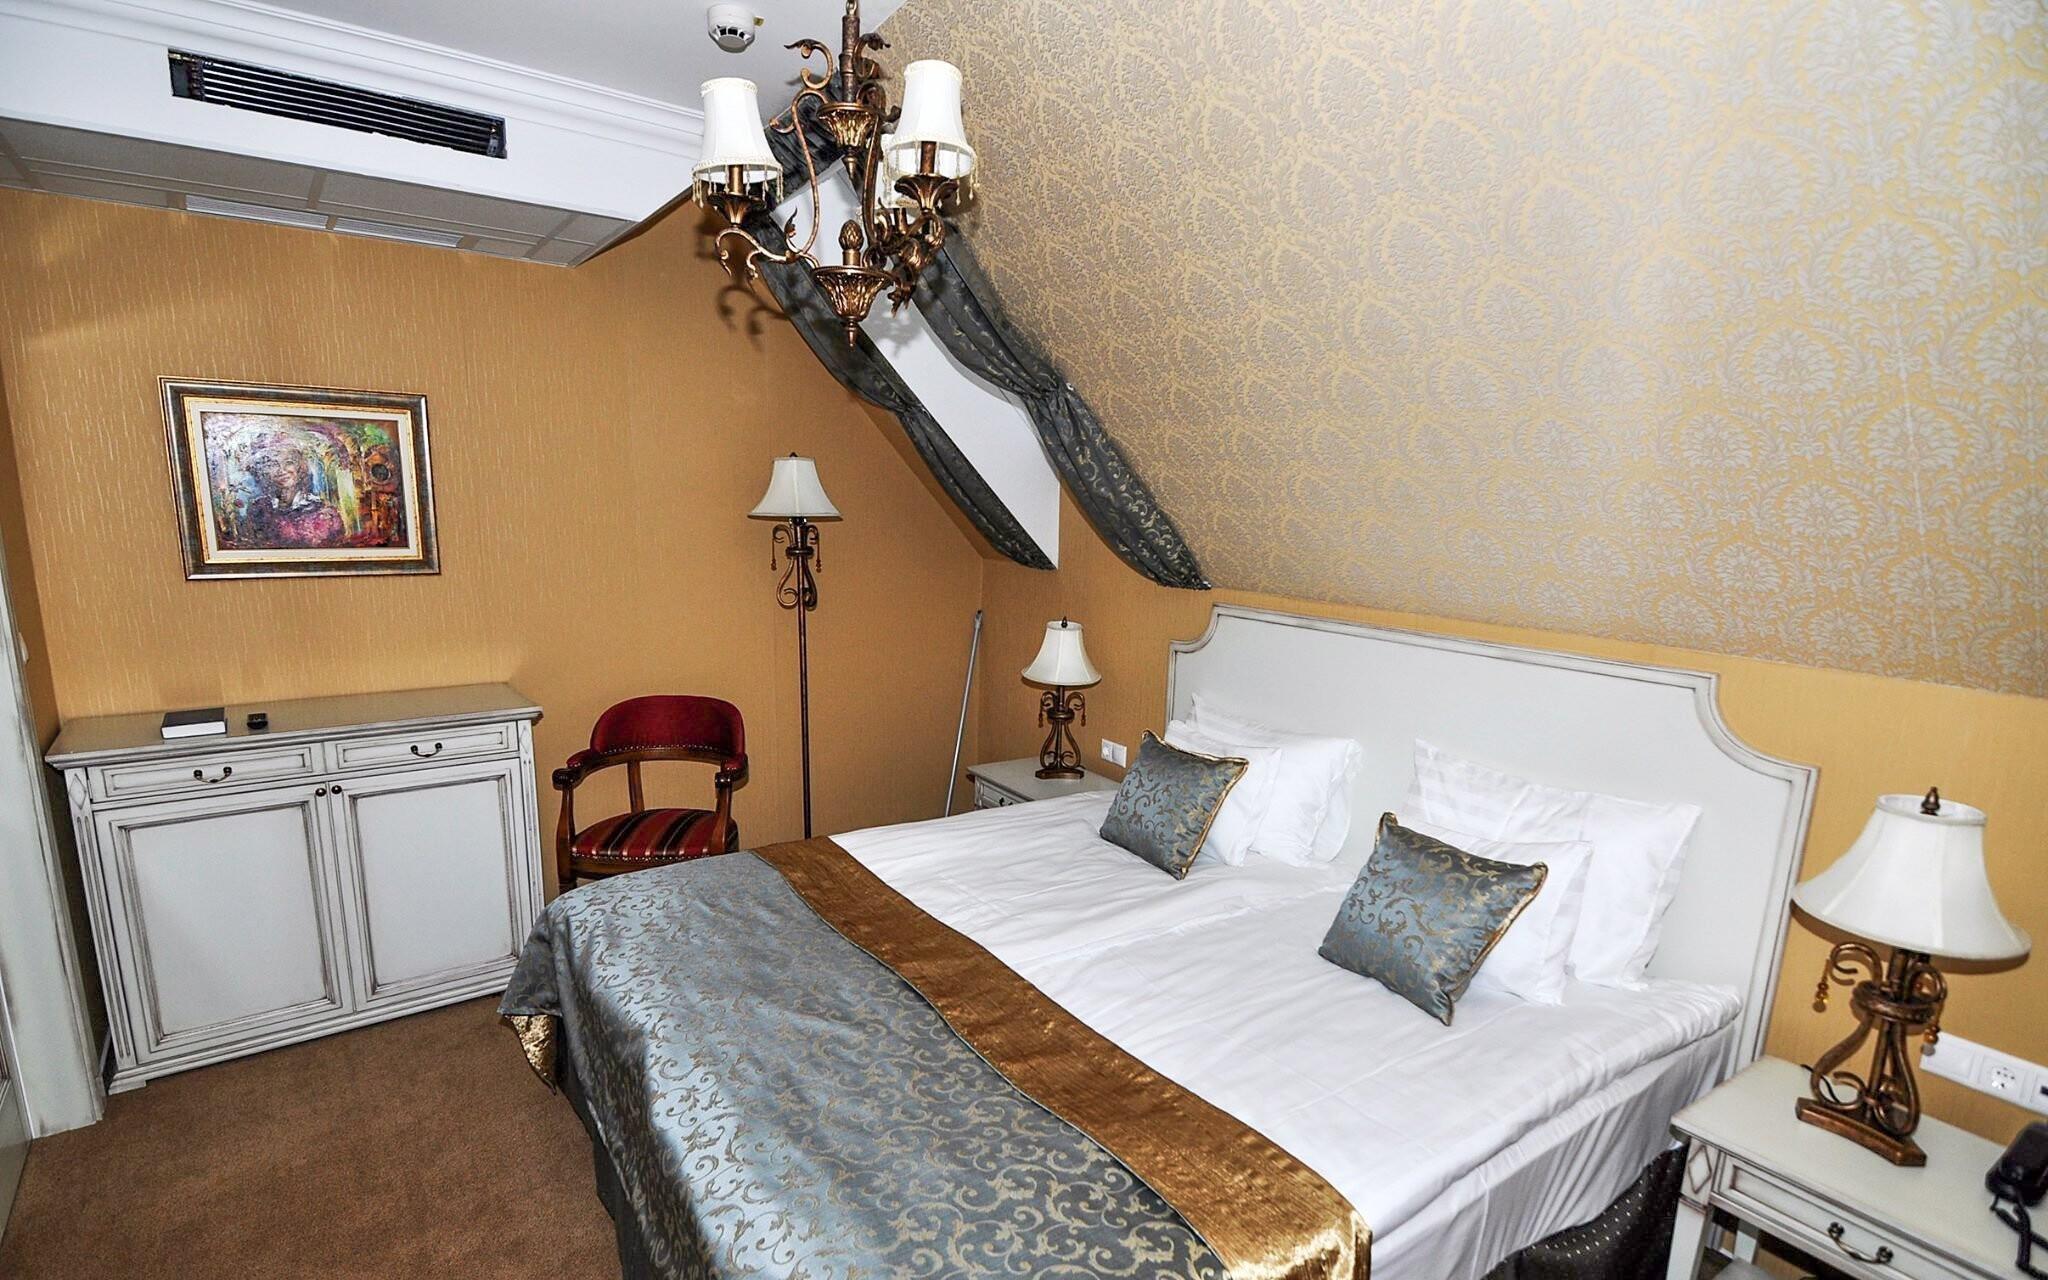 Pokoje jsou zařízeny stylově, Hotel Villa Classica, Pápa